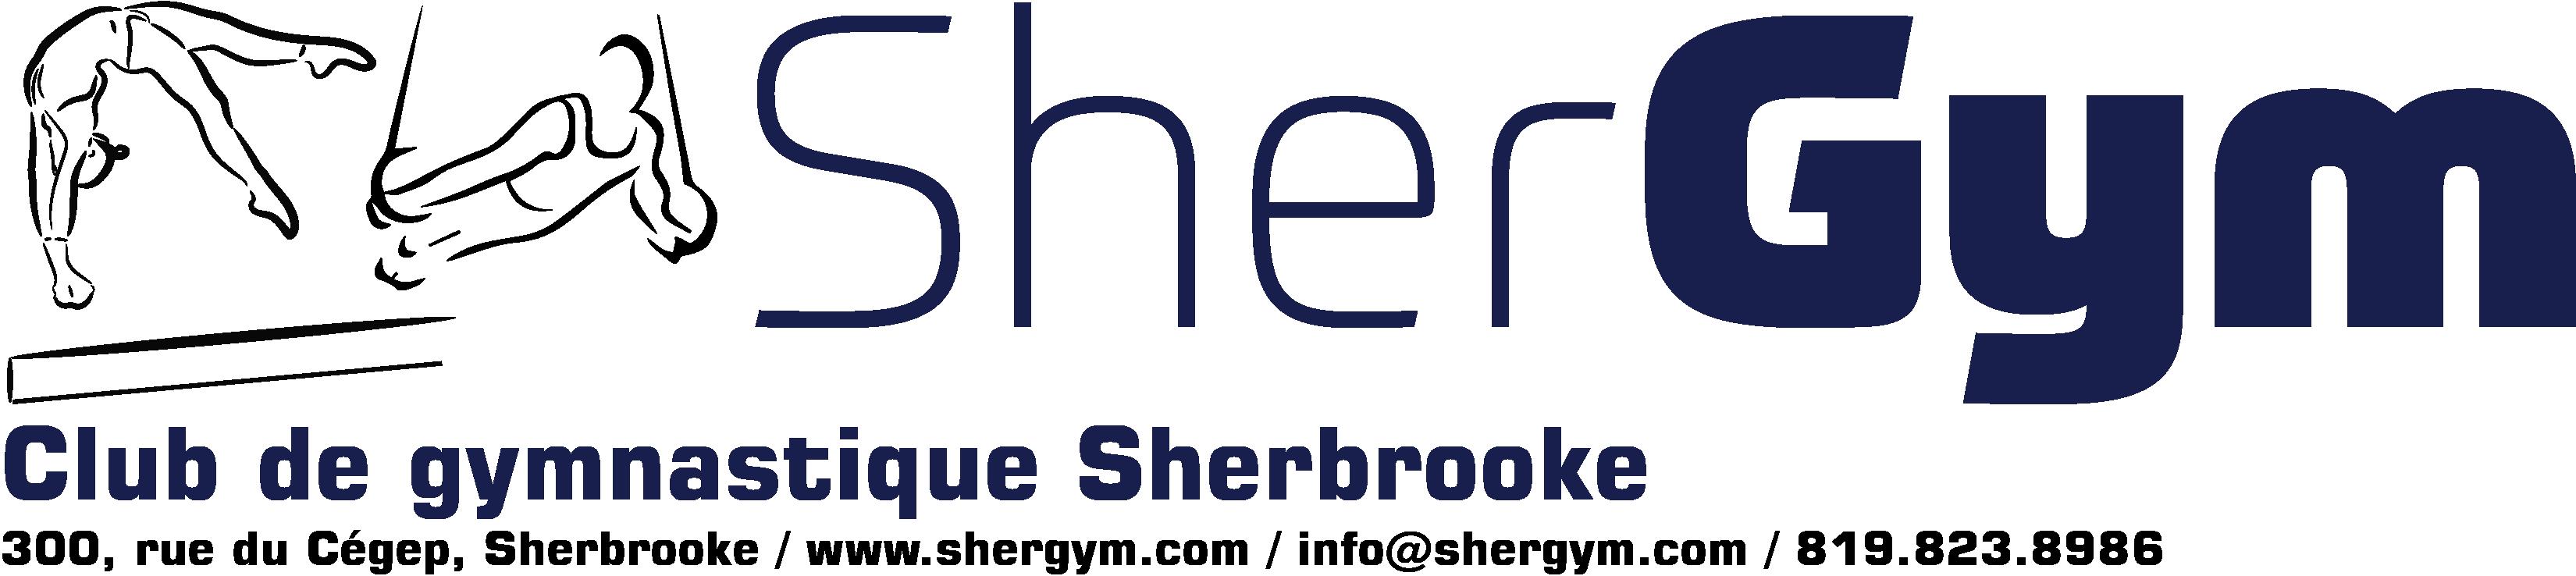 logo Shergym horizontal, adresse